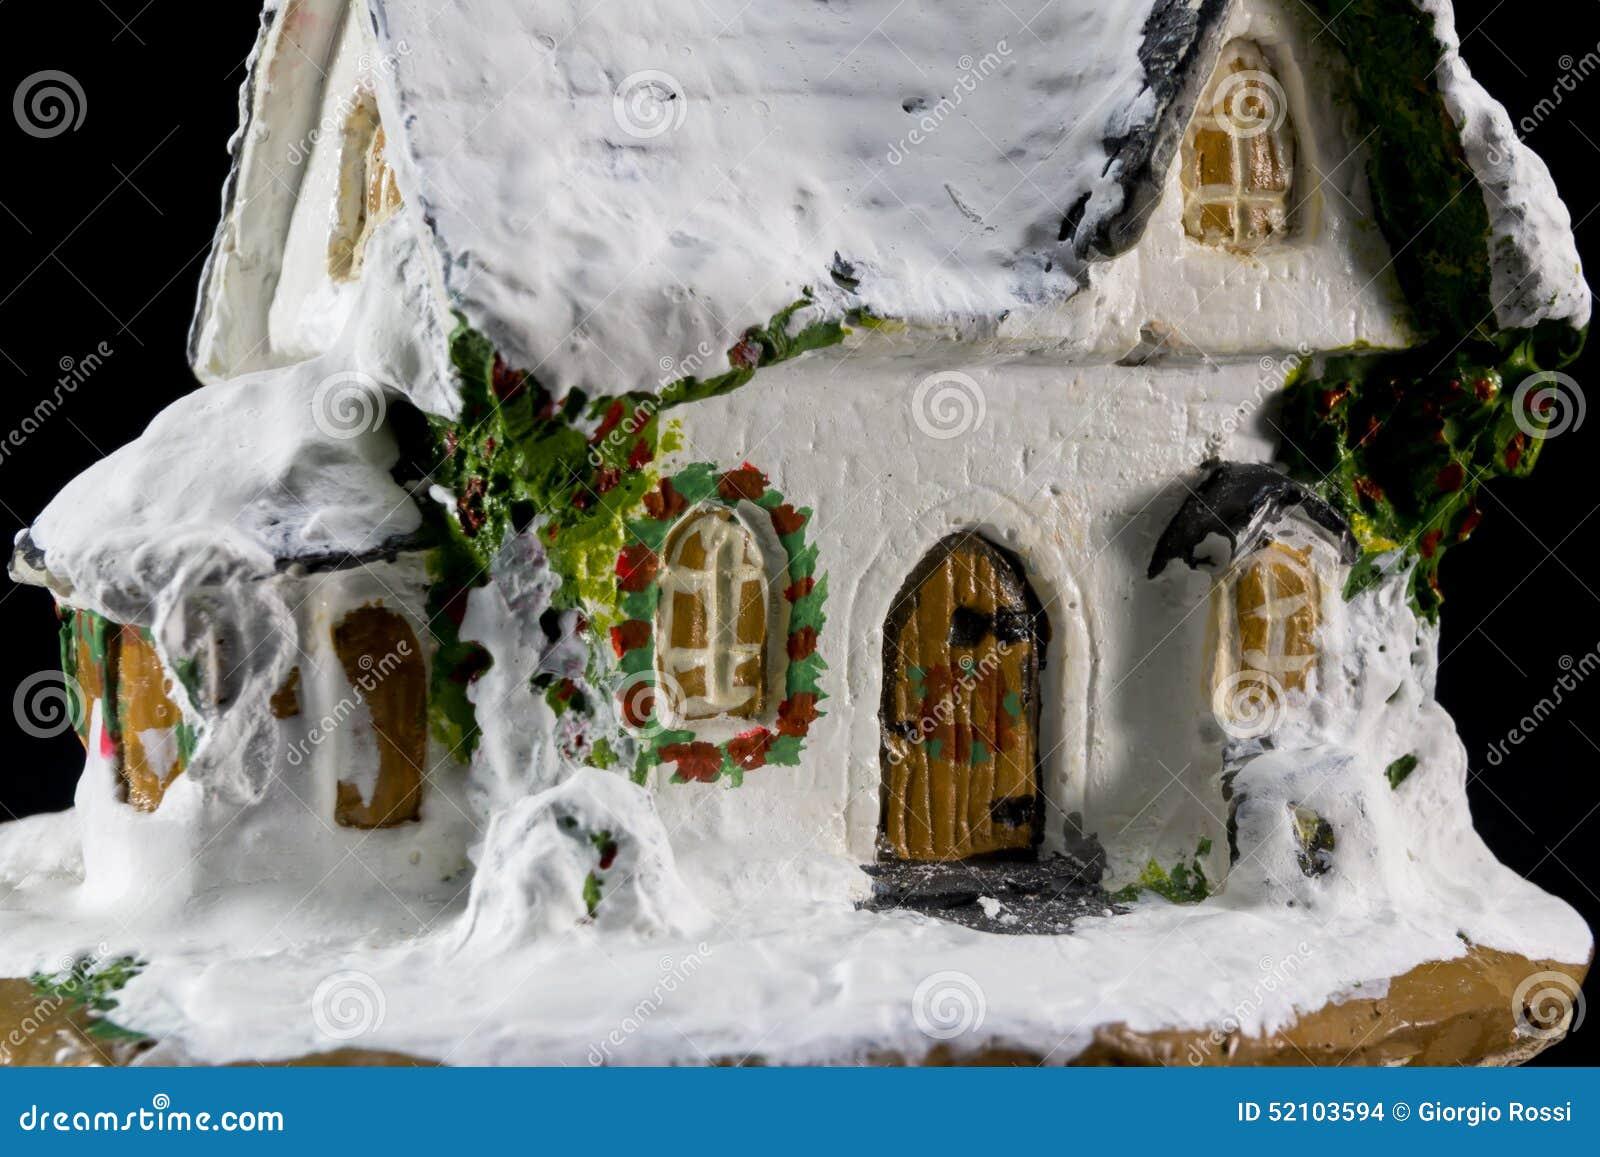 #64441C Décoration De Noël D'hivers Avec La Maison En Céramique De  5789 maison avec decoration de noel 1300x957 px @ aertt.com